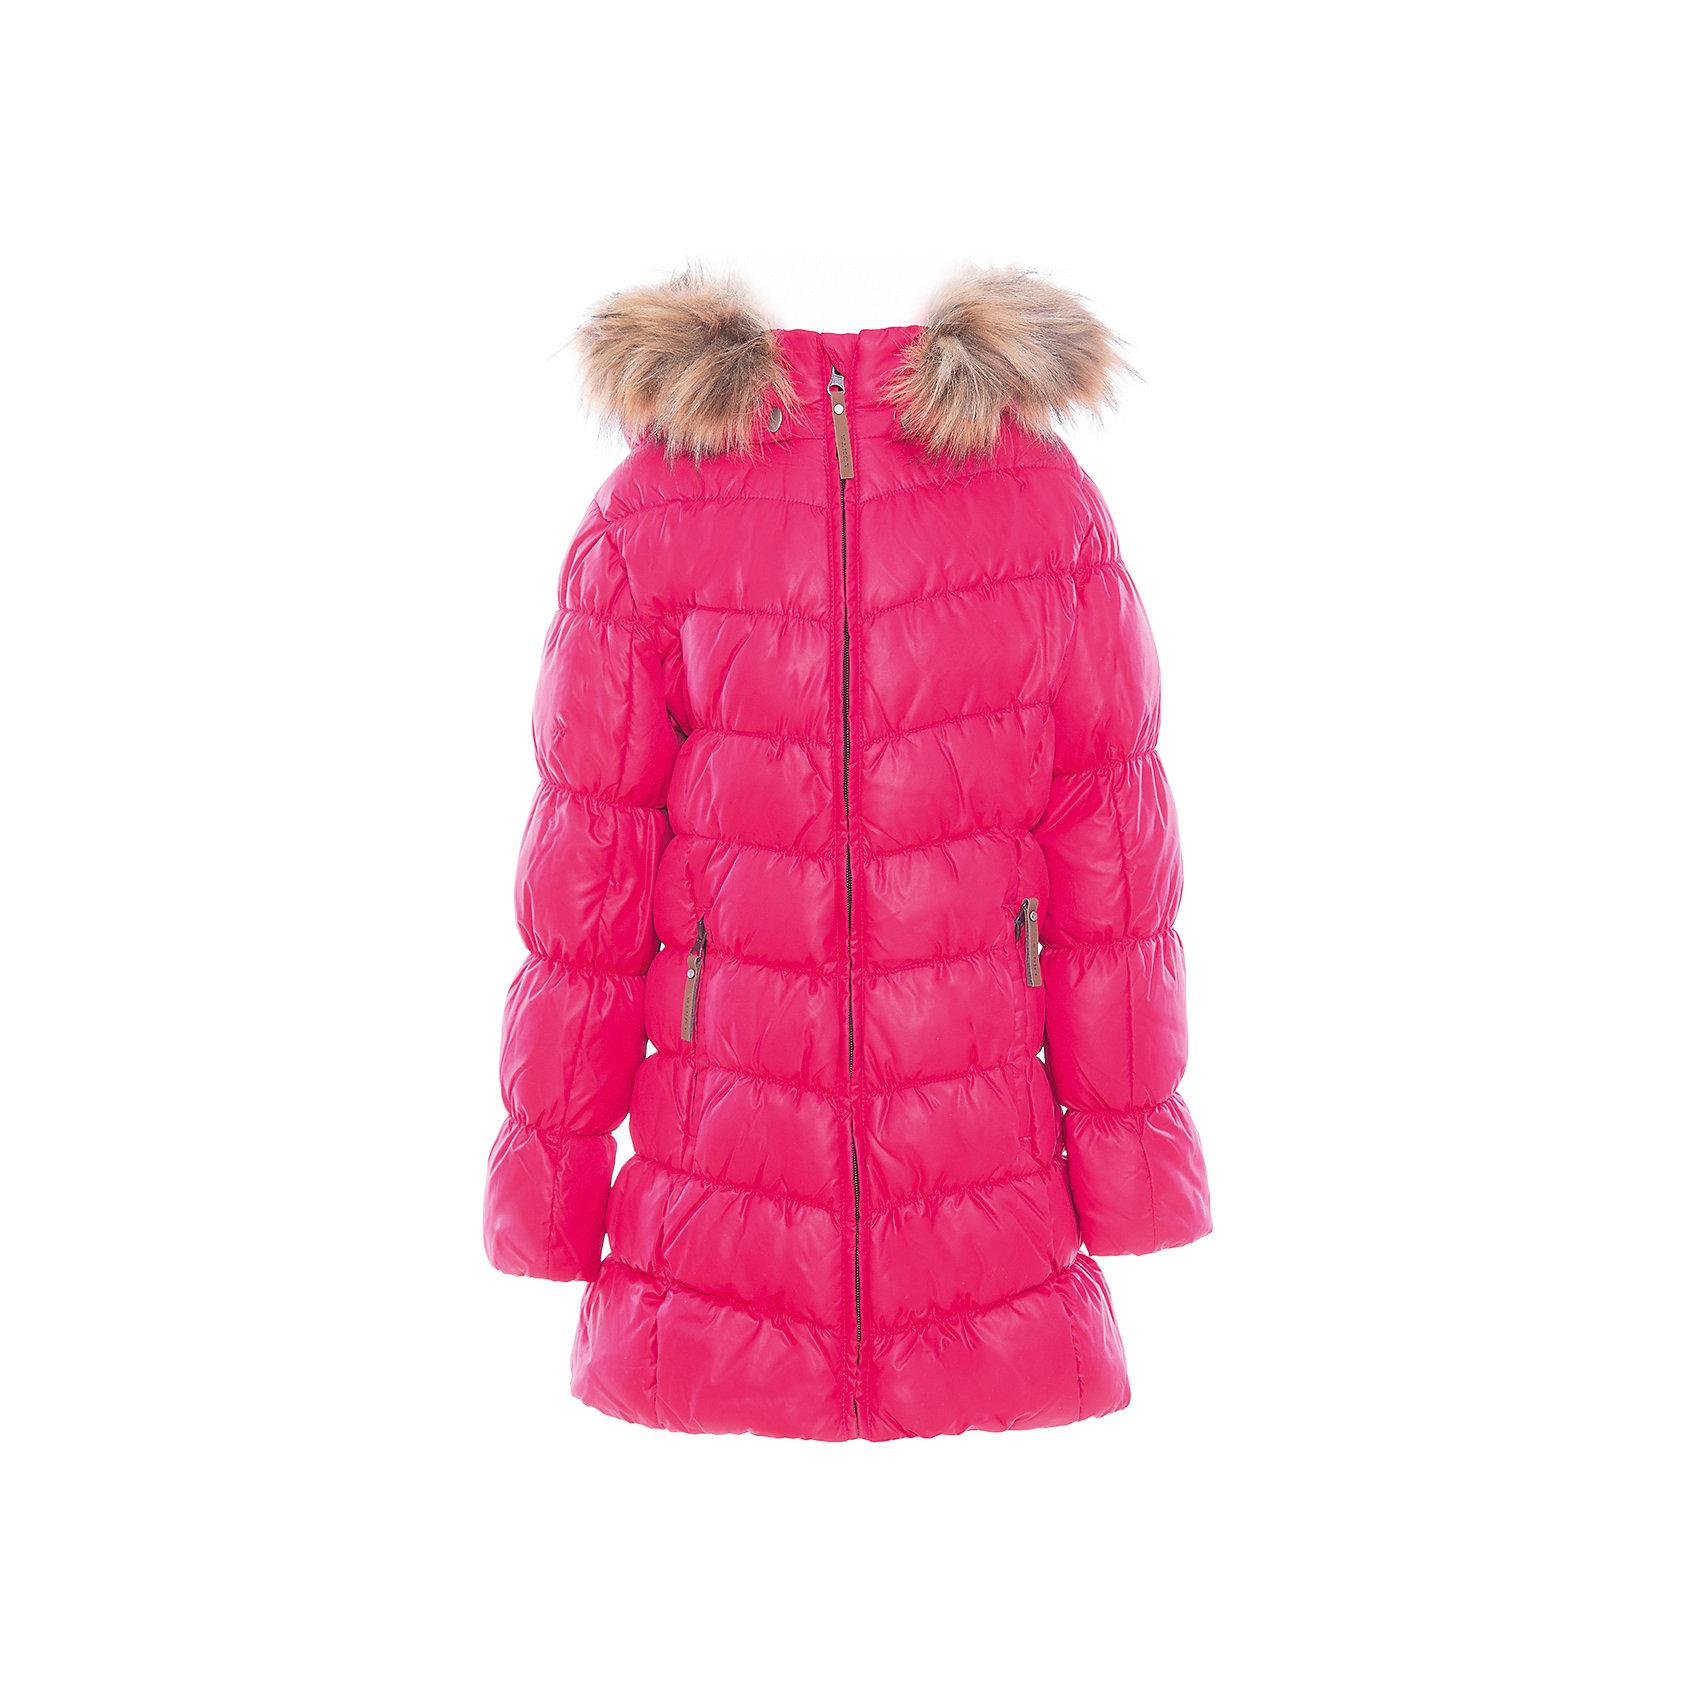 Пальто для девочки LuhtaОдежда<br>Пальто для девочки от известного бренда Luhta.<br>Пальто с отстегивающимся капюшоном, искусственный мех, элегантный силуэт, декоративная прострочка, боковые карманы на молнии, утепление 280 гр. Рекомендуемый температурный режим до -30 град. Внутри пальто находится температурный датчик.<br>Технологии: Luhta WATER REPELLENT; Luhta SAFETY; Luhta TEMPERATURE CONTROL; Luhta DOWN MIX; Luhta -30; Reflectors<br>Состав:<br>100% полиэстер<br><br>Ширина мм: 356<br>Глубина мм: 10<br>Высота мм: 245<br>Вес г: 519<br>Цвет: розовый<br>Возраст от месяцев: 156<br>Возраст до месяцев: 168<br>Пол: Женский<br>Возраст: Детский<br>Размер: 164,134,140,146,152,158<br>SKU: 5414035